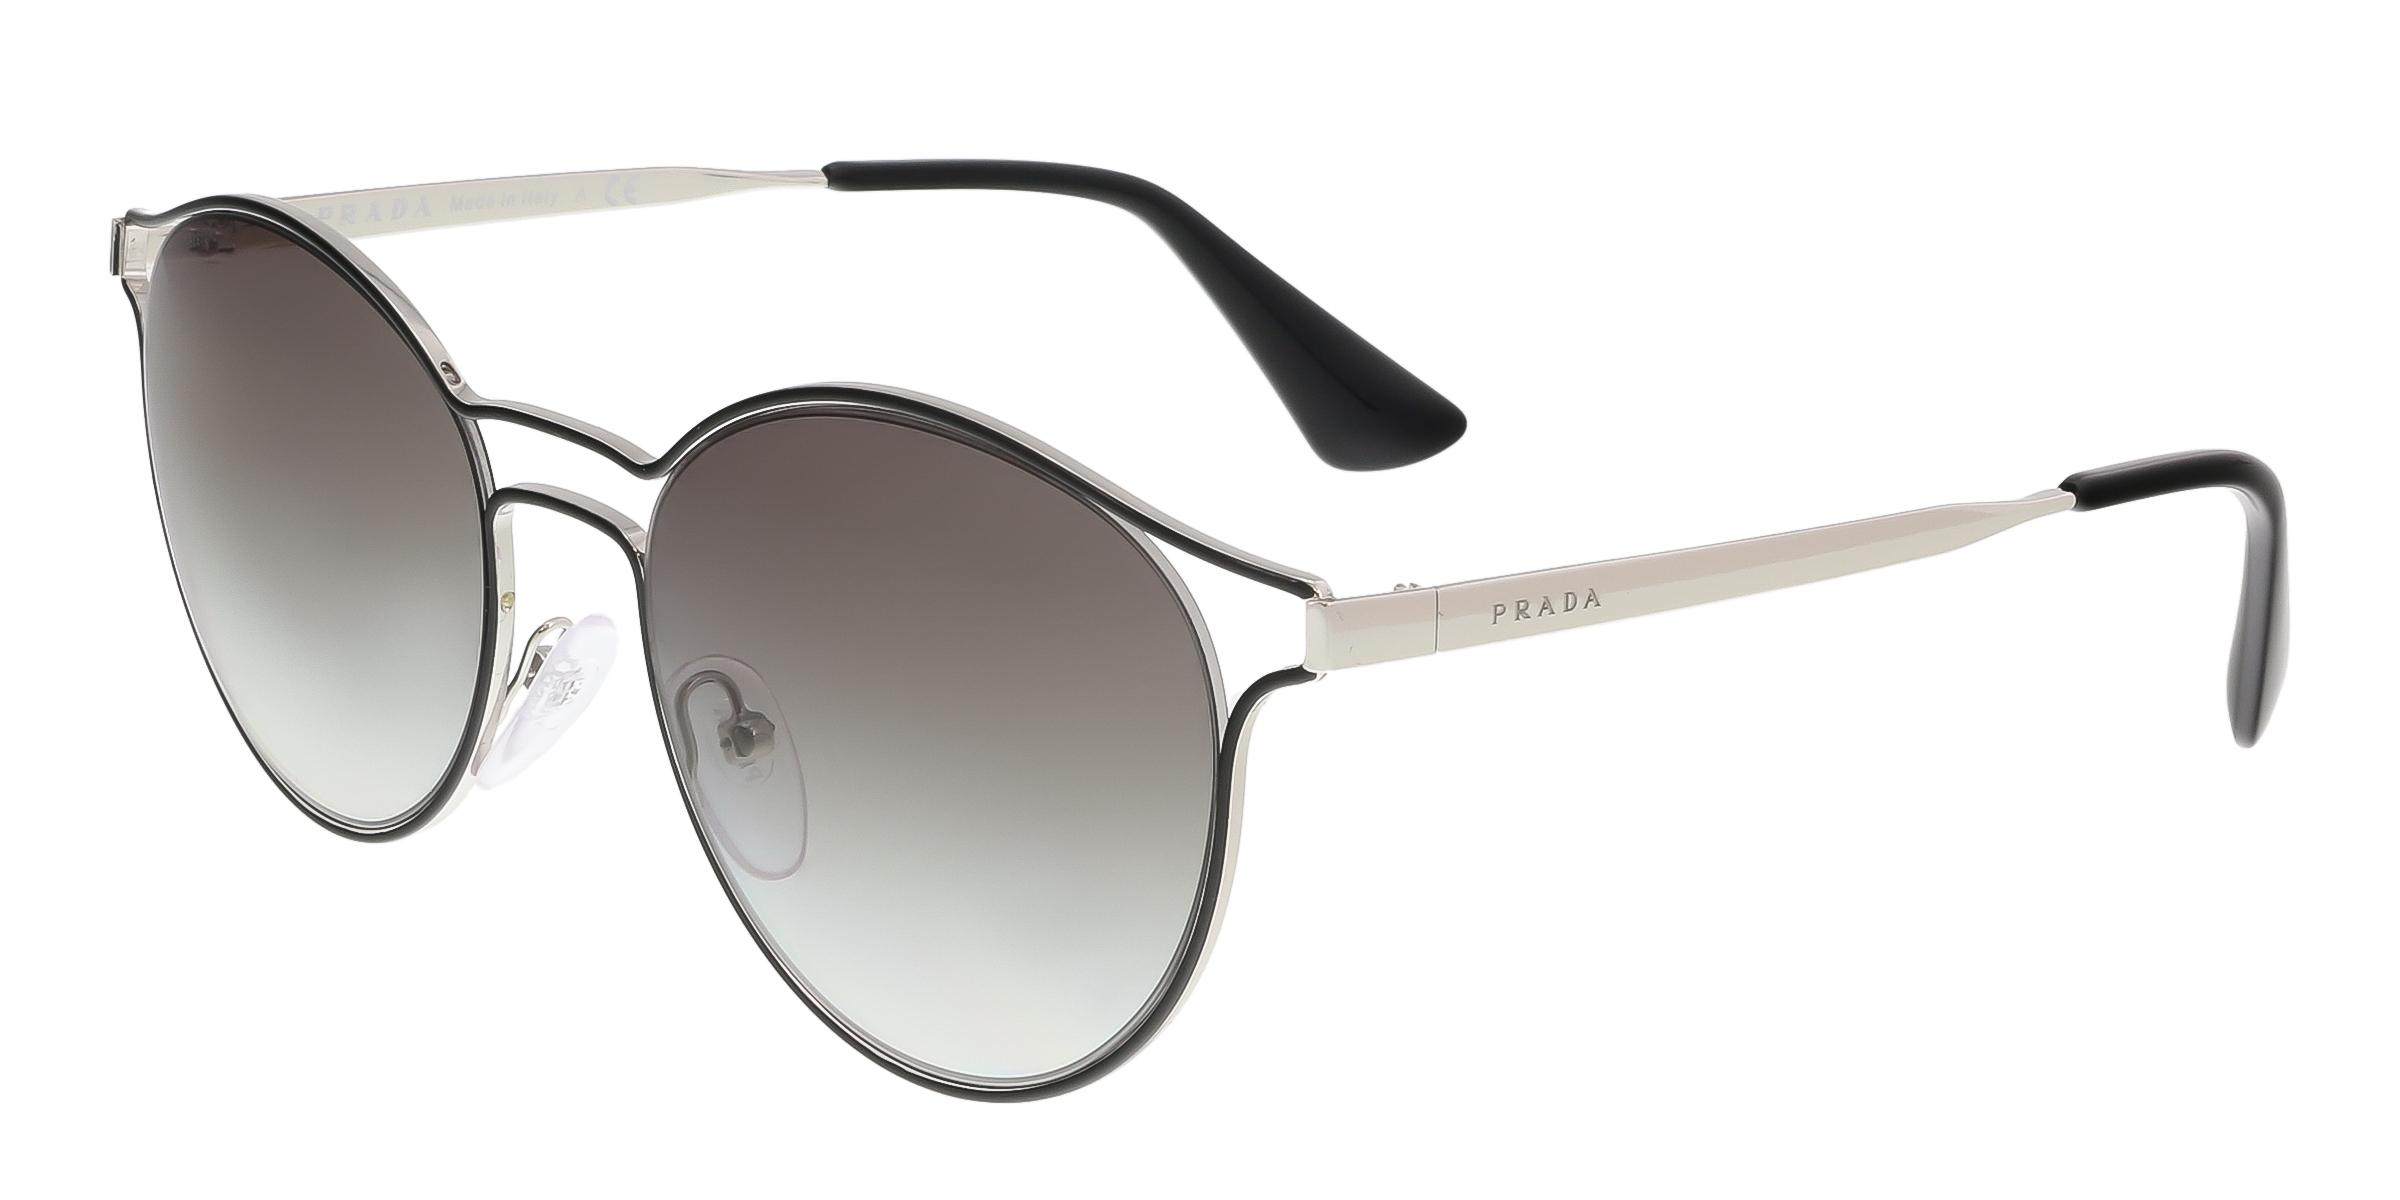 Prada PR 62SS 1AB0A7 Black Round Phantos Sunglasses